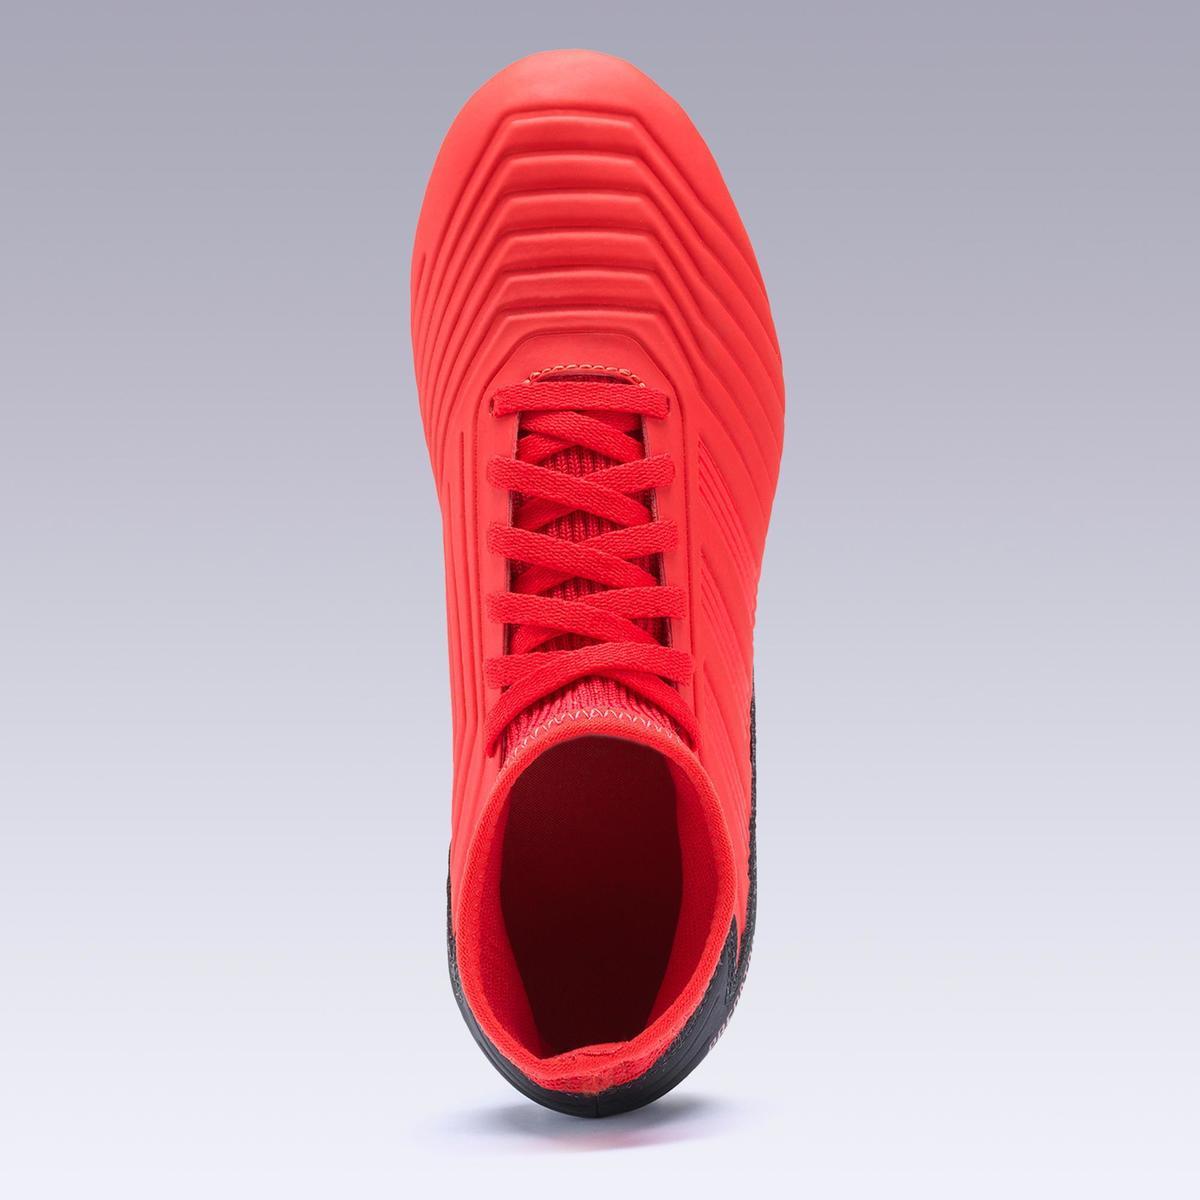 Bild 4 von Fußballschuhe Nocken Predator 18.3 HG Erwachsene rot